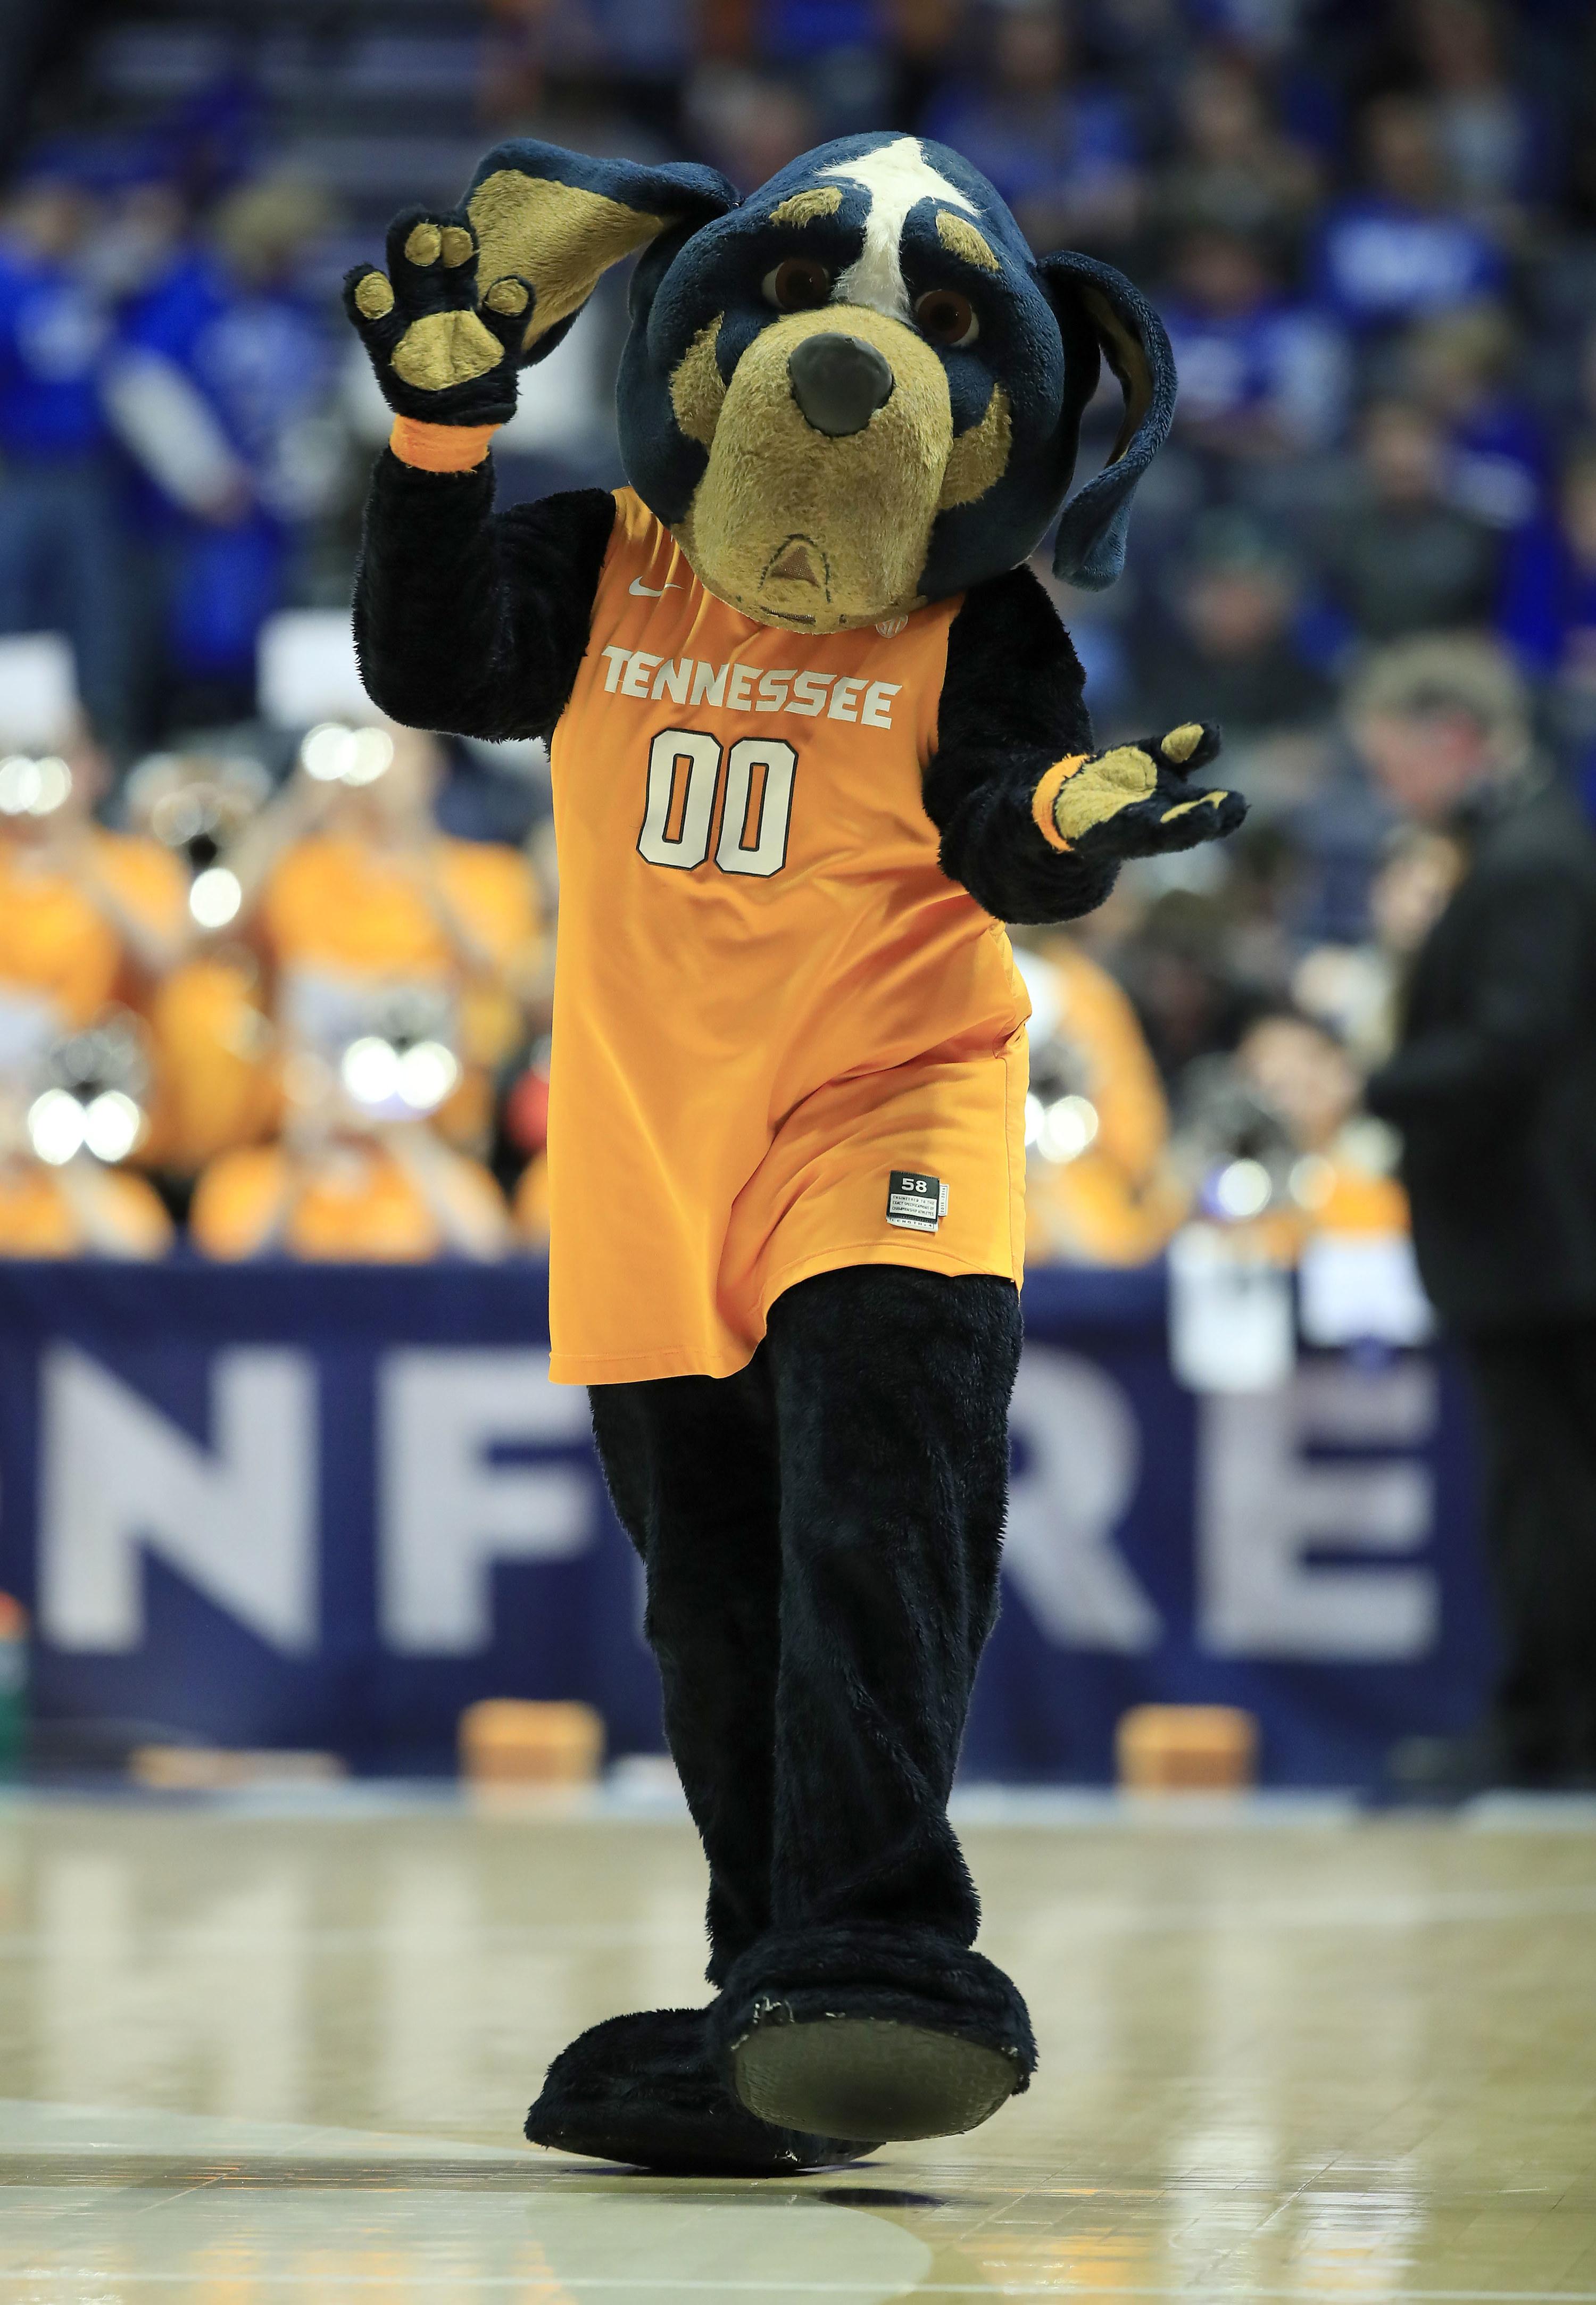 Tennessee hound mascot wearing team's orange jersey.